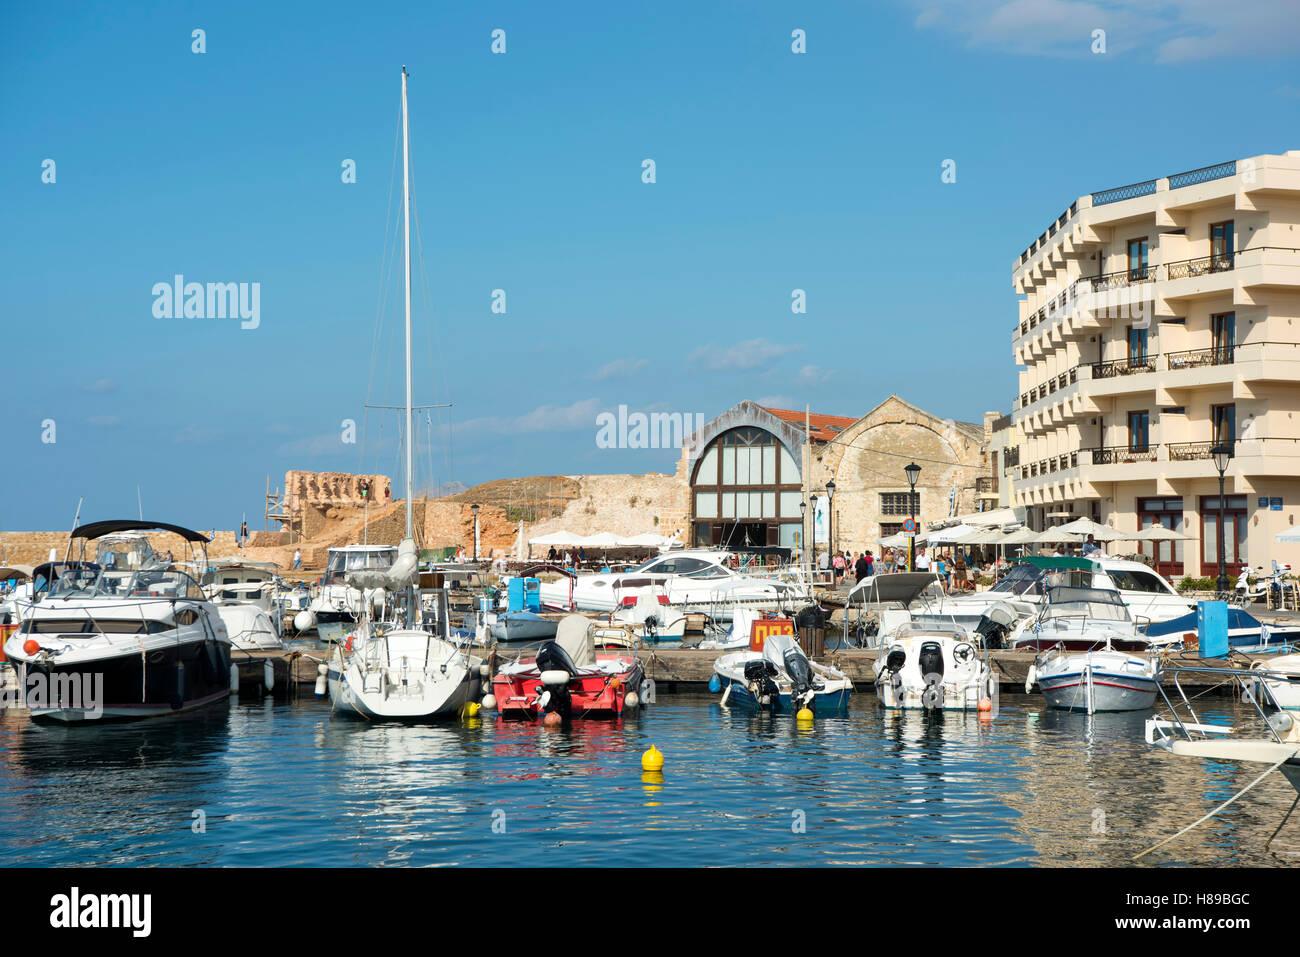 Griechenland, Kreta, Chania, Schiffahrtsmuseum und Hotel Porto Veneziano im Osten des Venezianischen Hafen Stock Photo